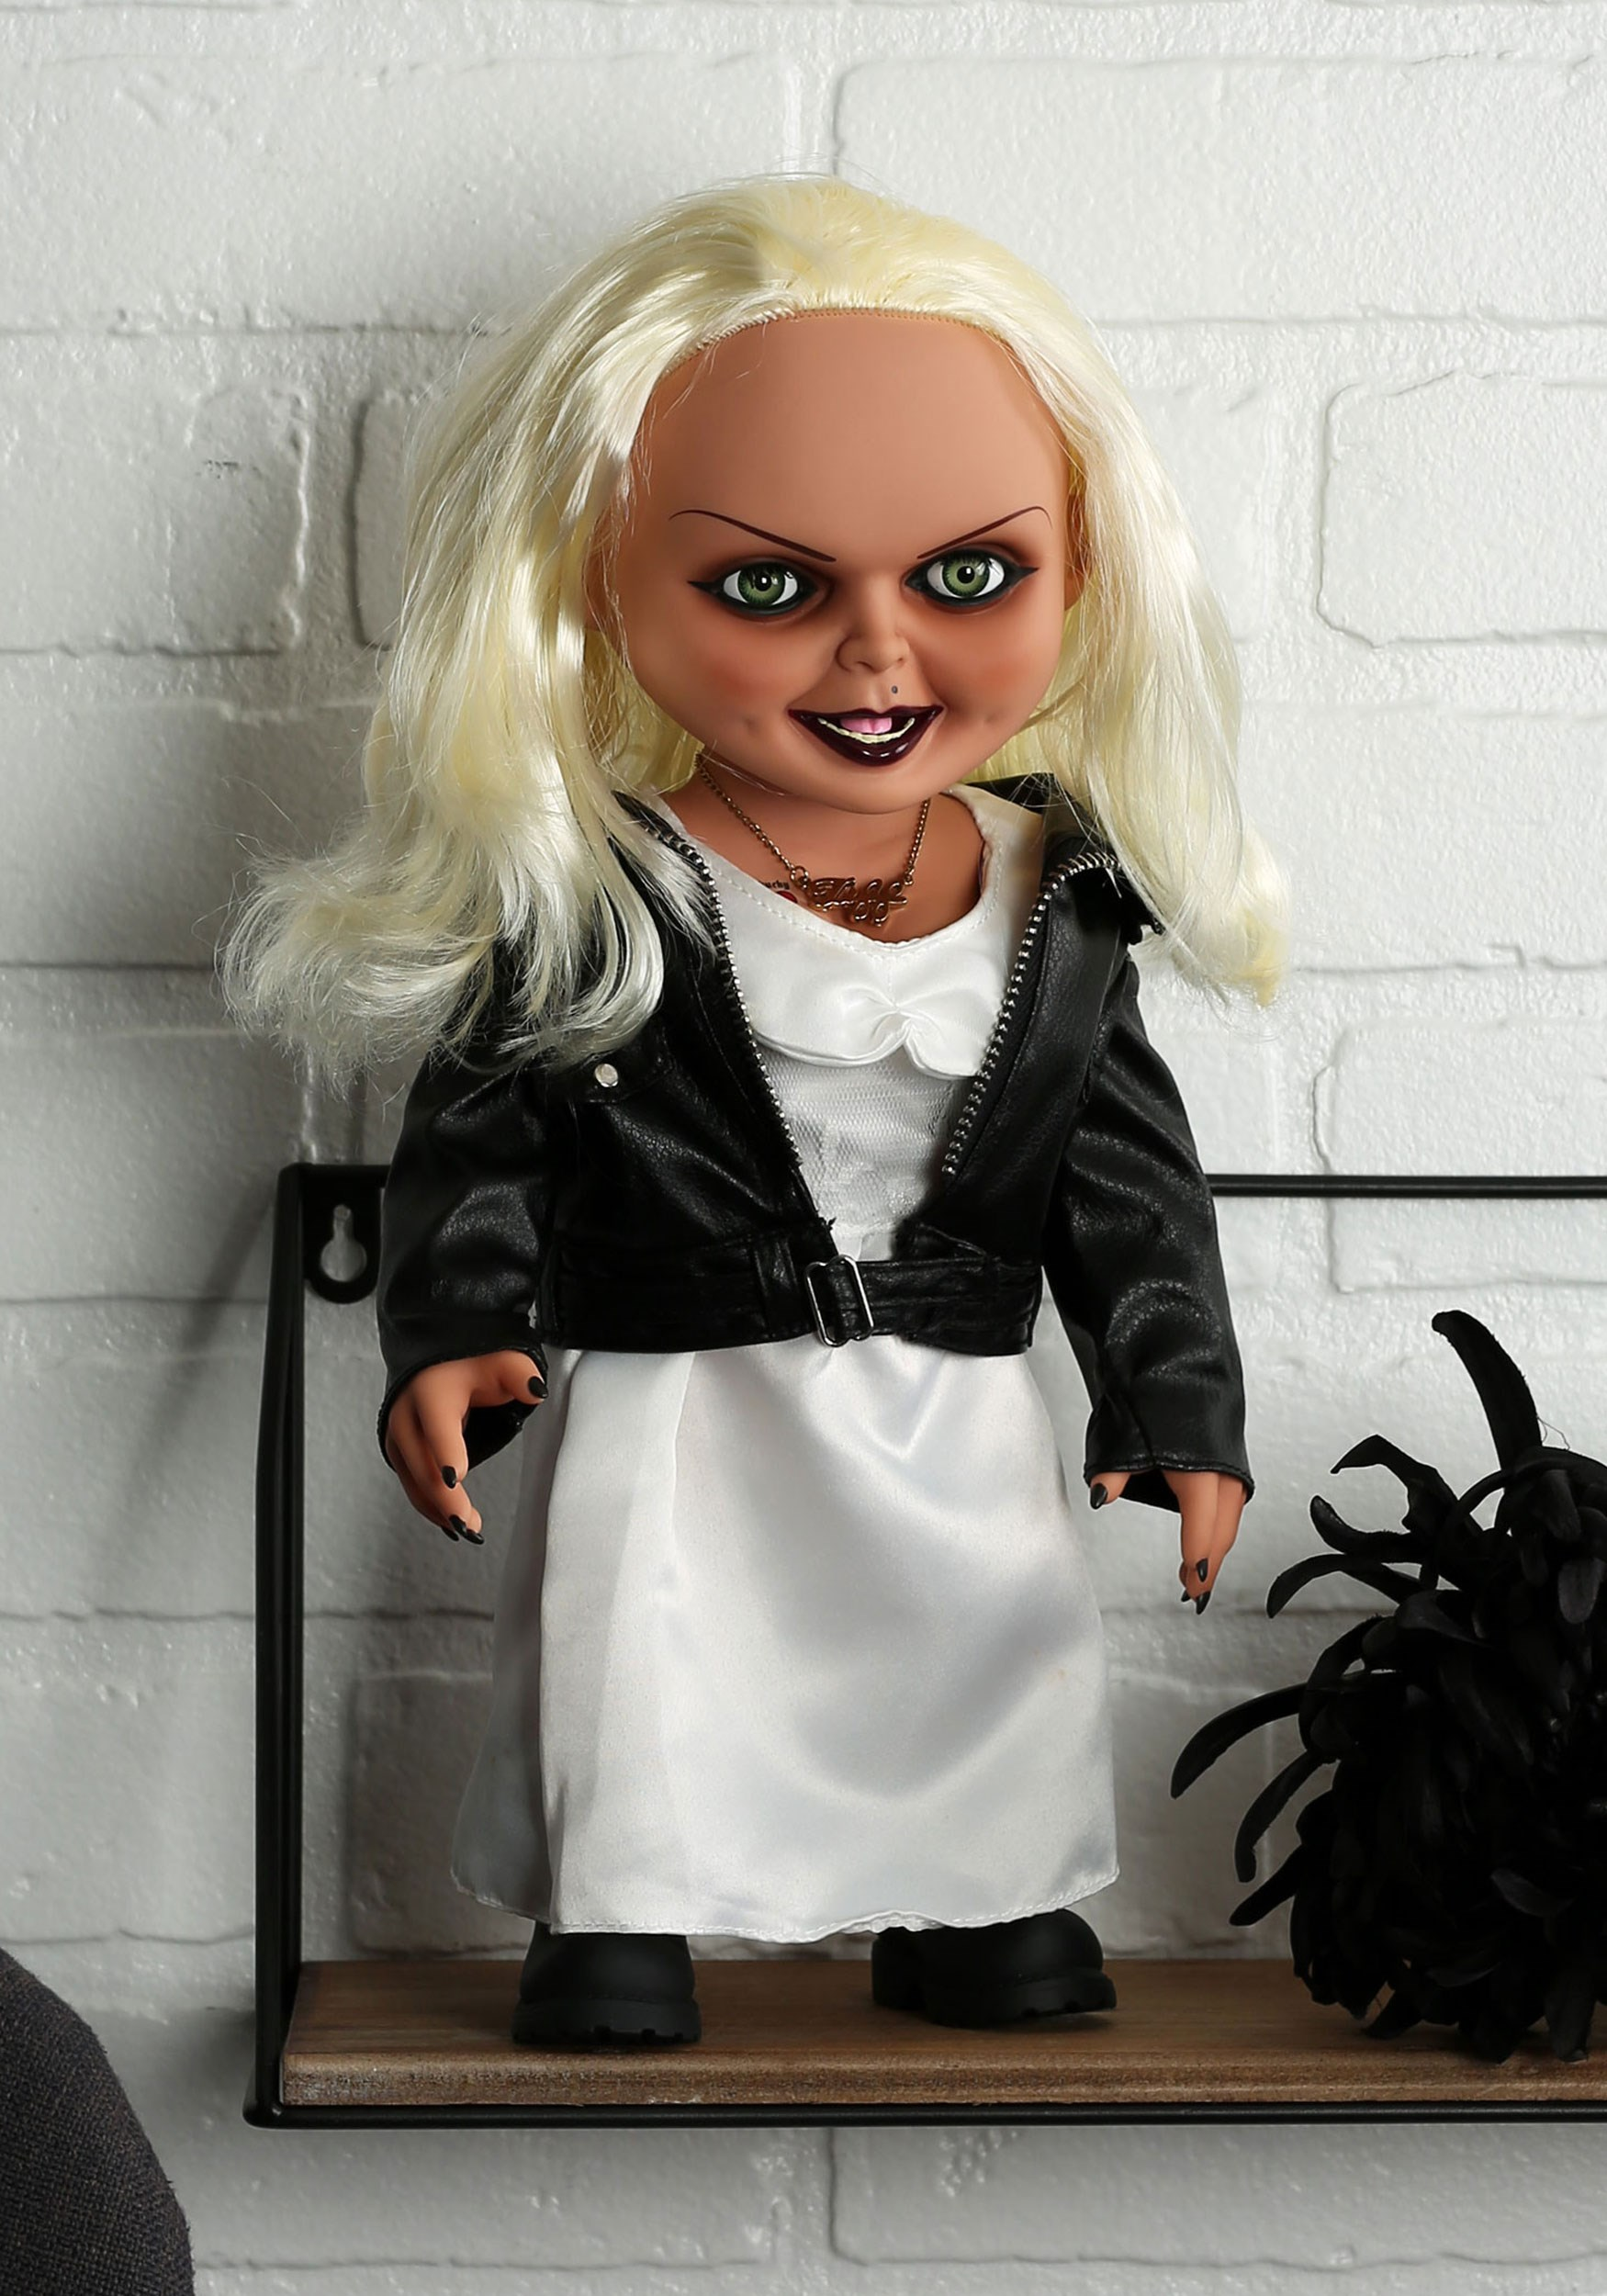 bride of chucky tiffany 15 talking doll